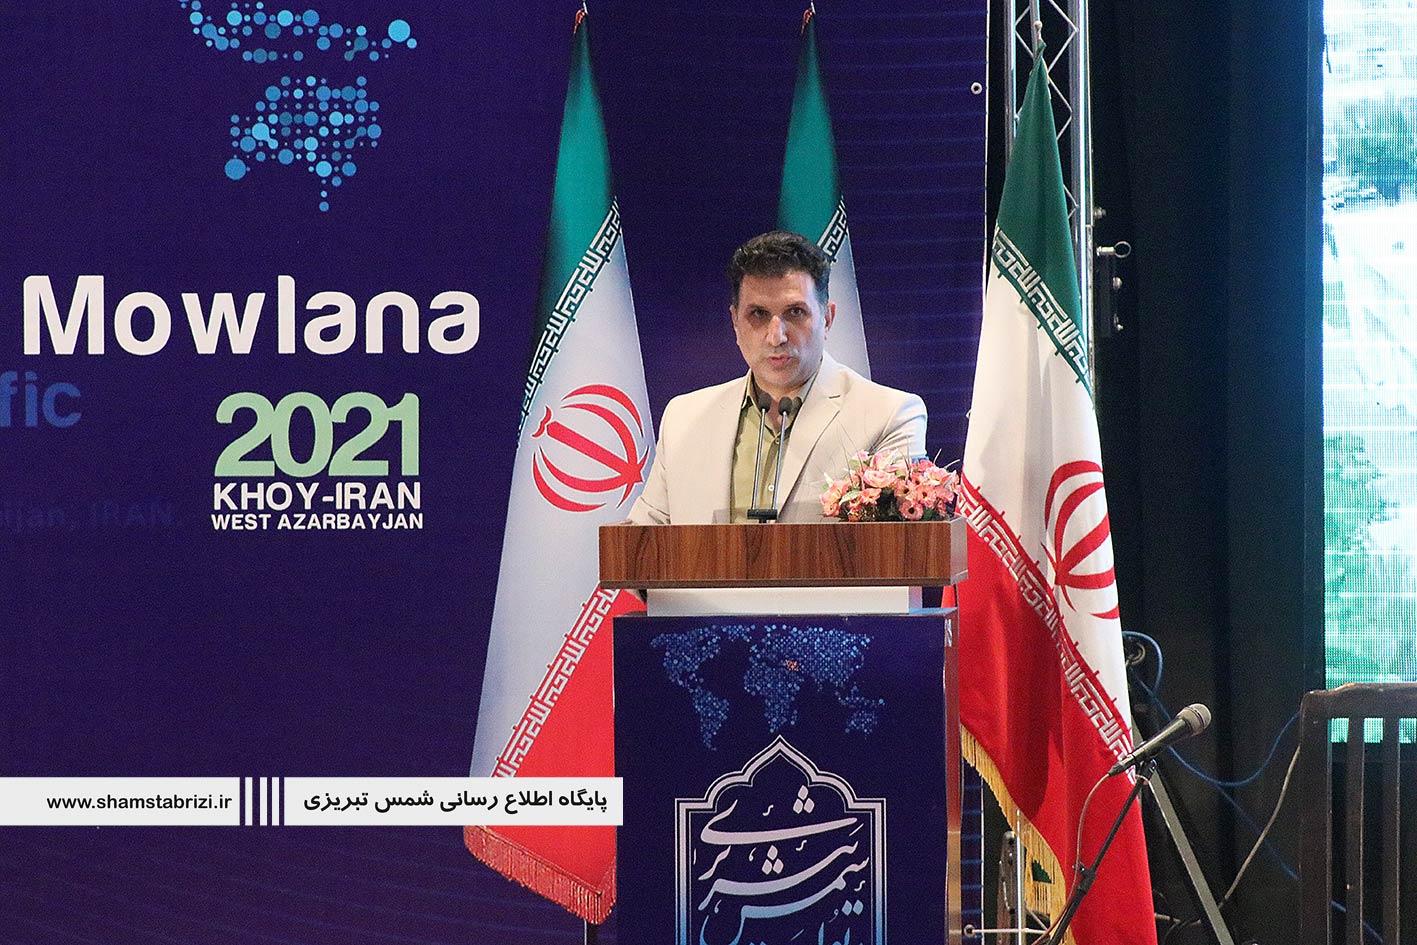 متن سخنرانی رئیس شورای اسلامی شهر خوی در هفتمین همایش بین المللی شمس و مولانا